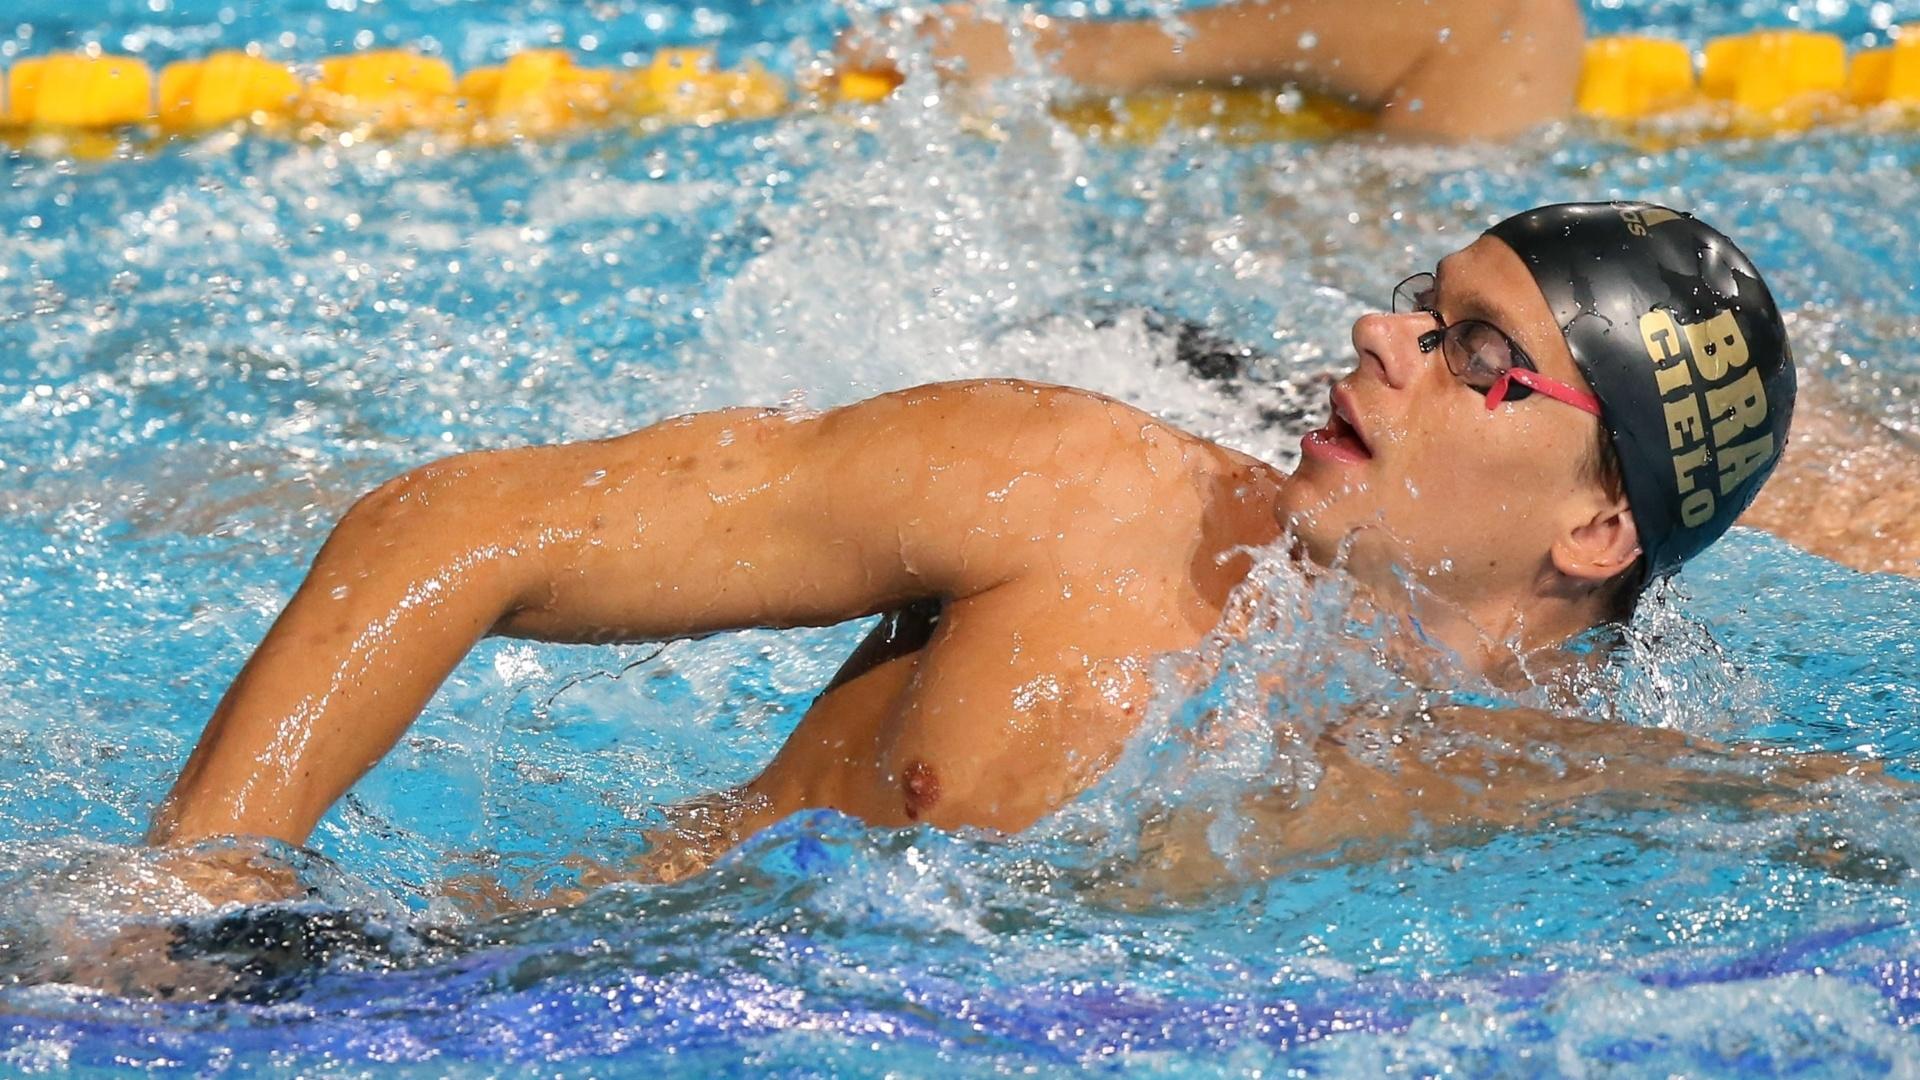 24.jul.2013 - Cesar Cielo treina na piscina do Palau Sant Jordi, palco das provas de natação do Mundial de Barcelona